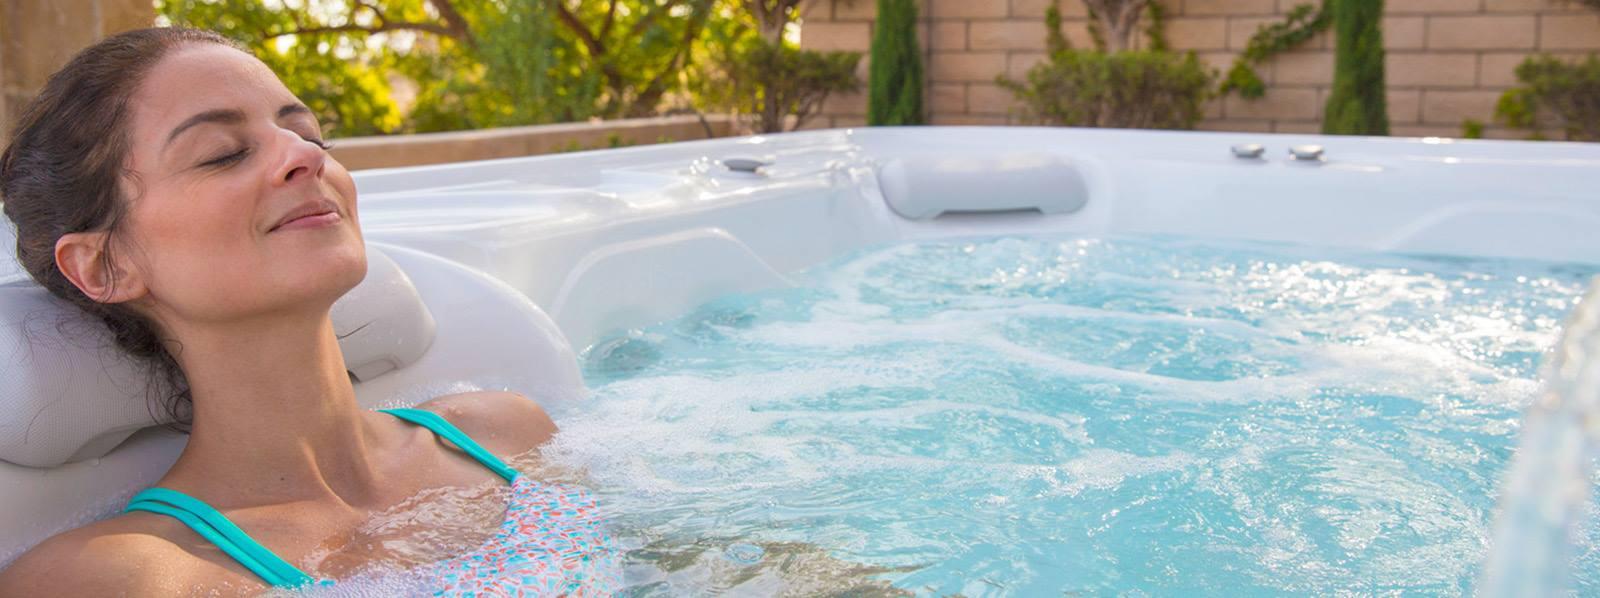 Hot Tubs, Swim Spas Dealer West Des Moines Dealer Shares Tips to Sleep Better